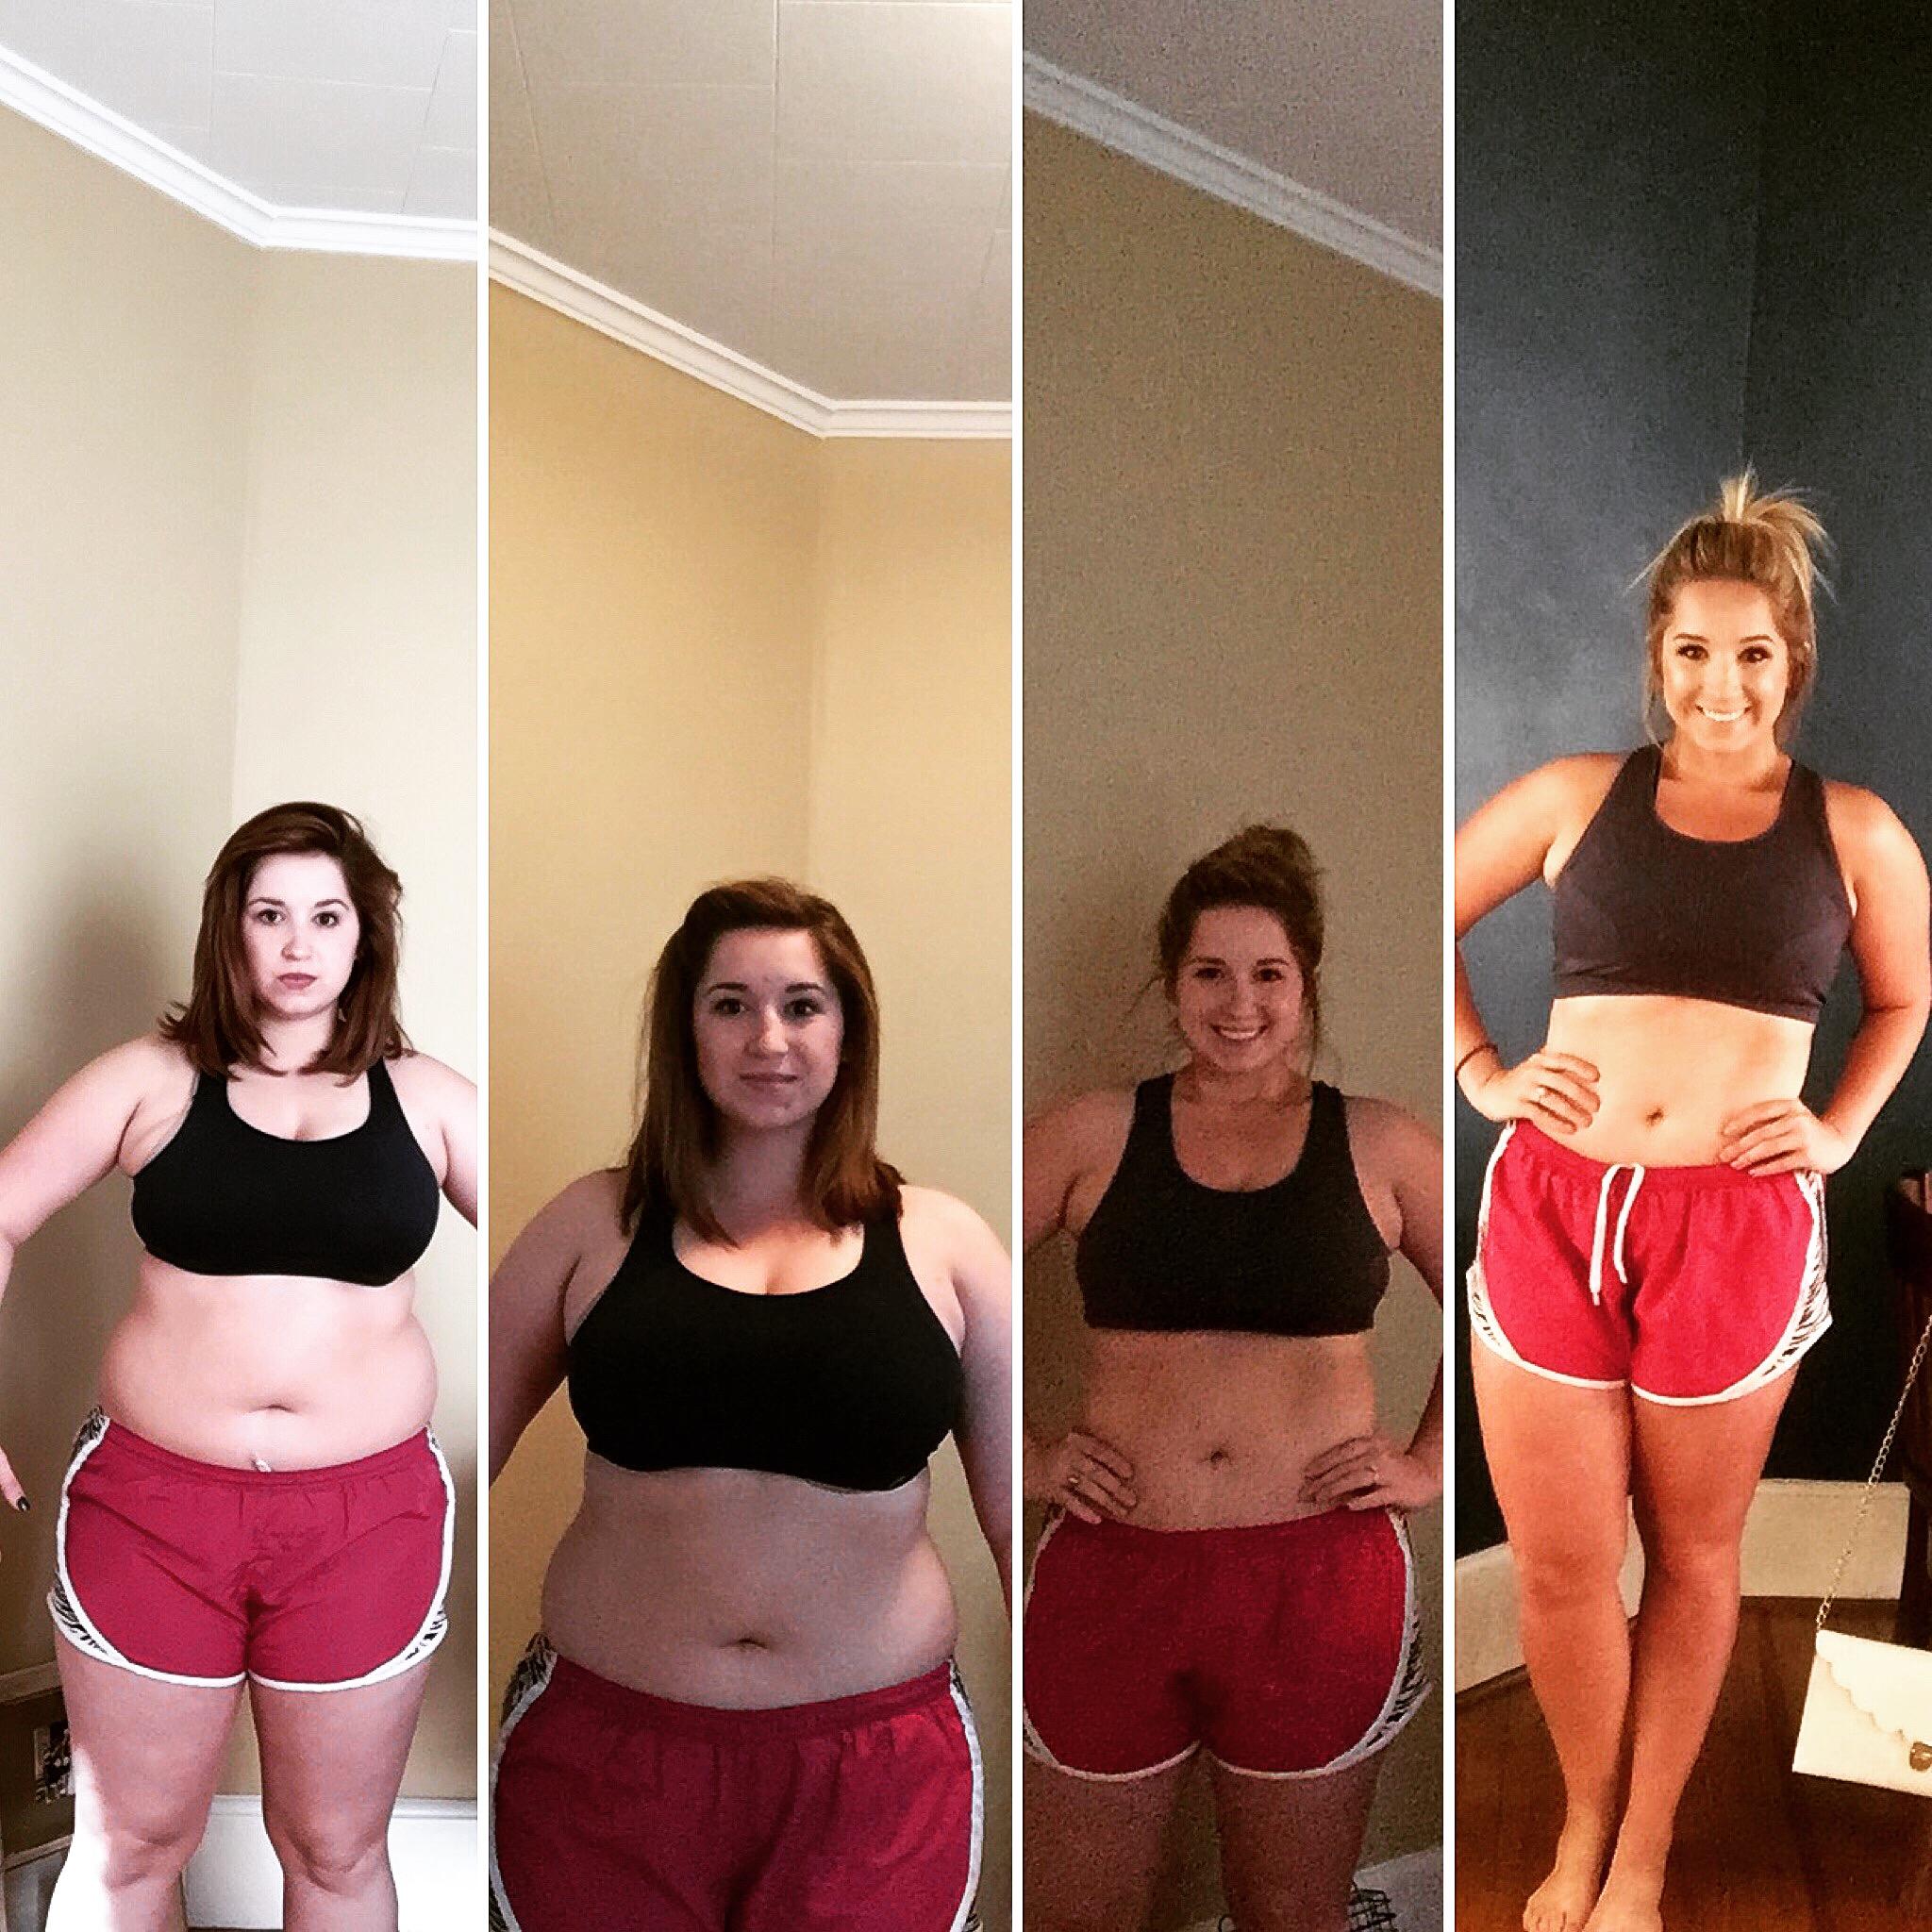 50 Мотиваций Для Похудения. Мотивация для похудения женщинам и девушкам на каждый день